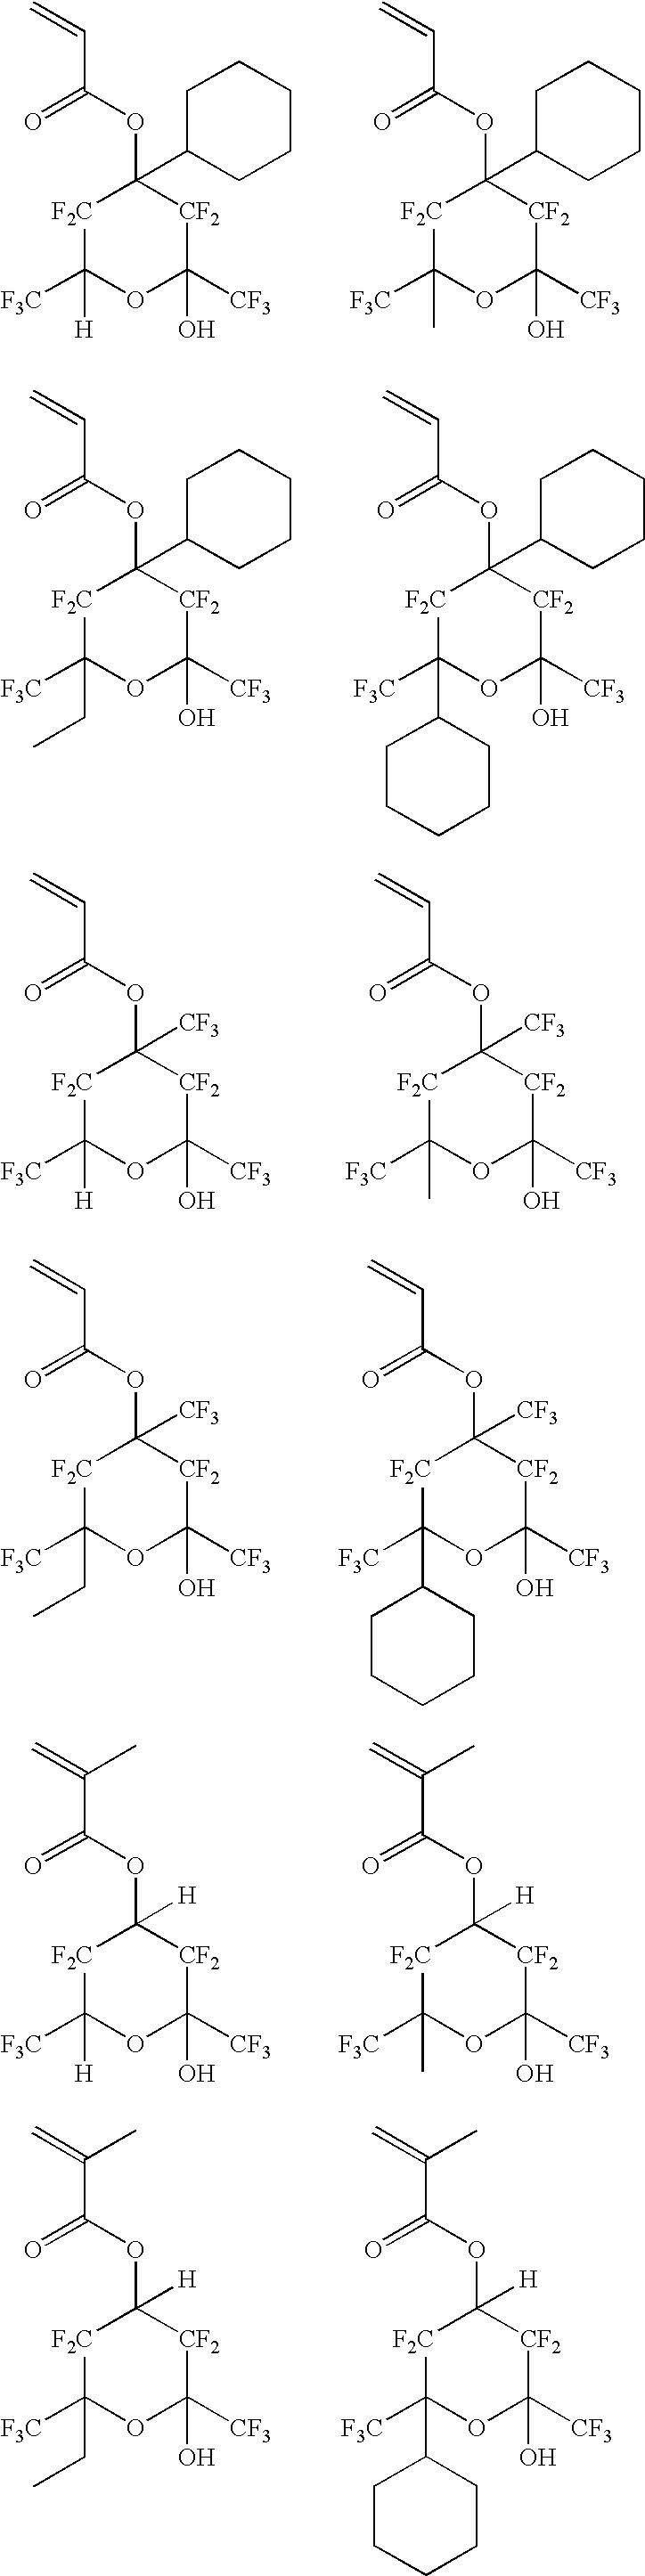 Figure US20060094817A1-20060504-C00014